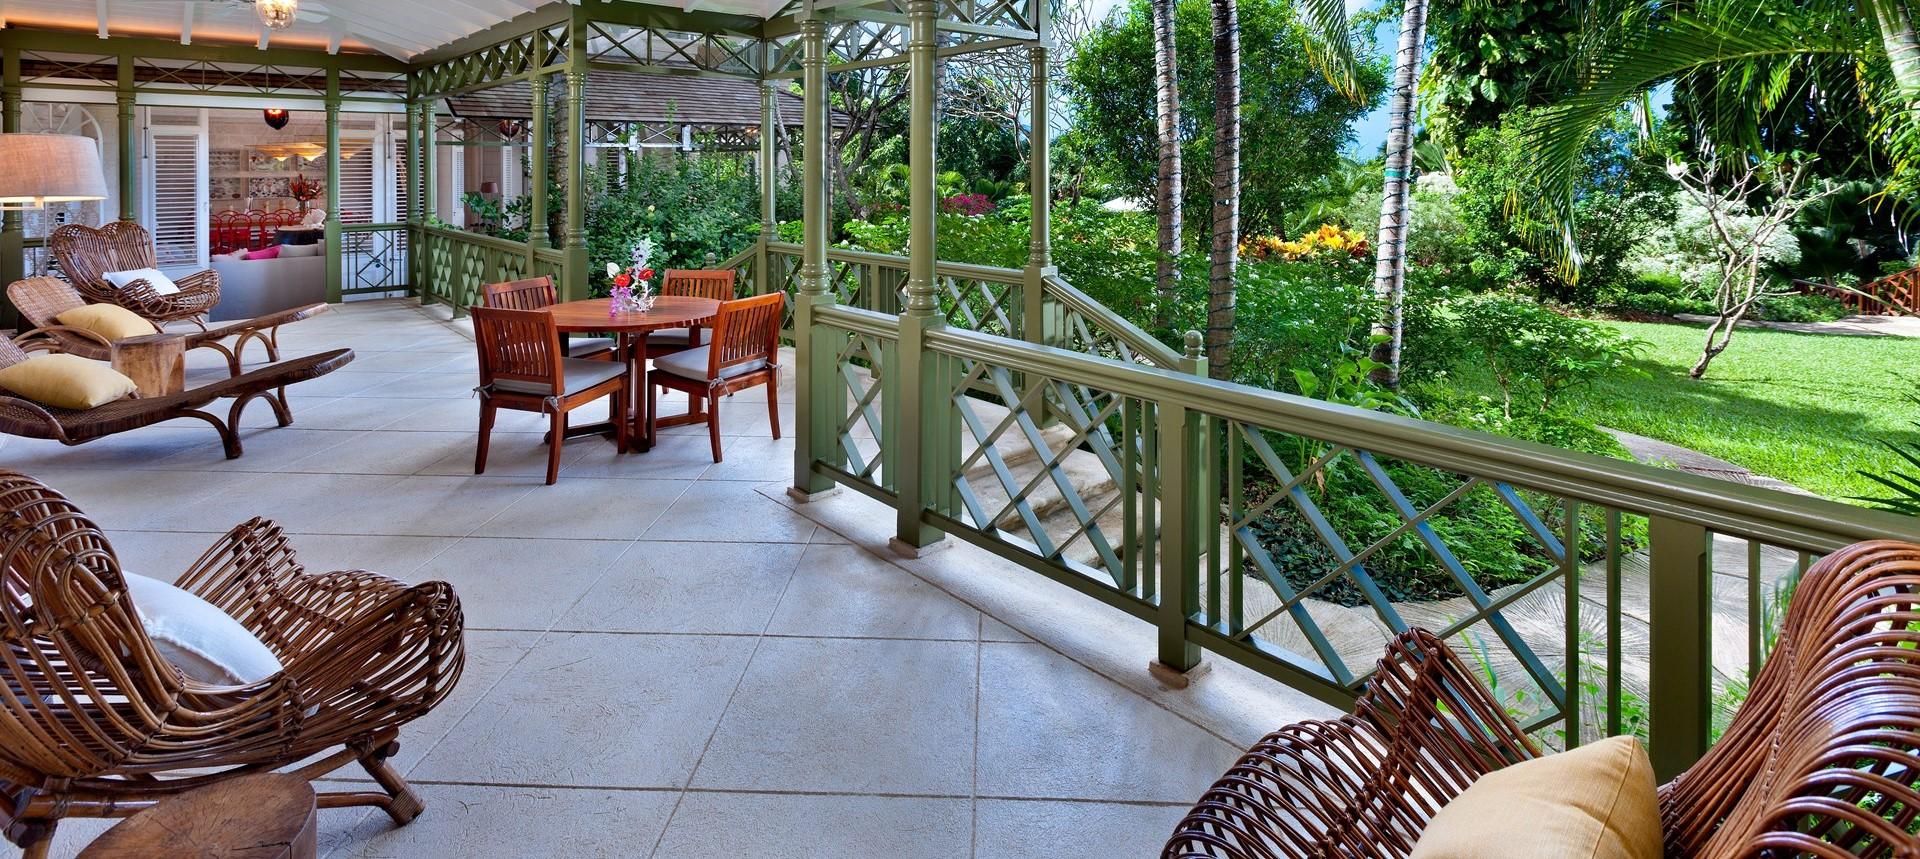 villa-gardenia-barbados-garden-view-terr